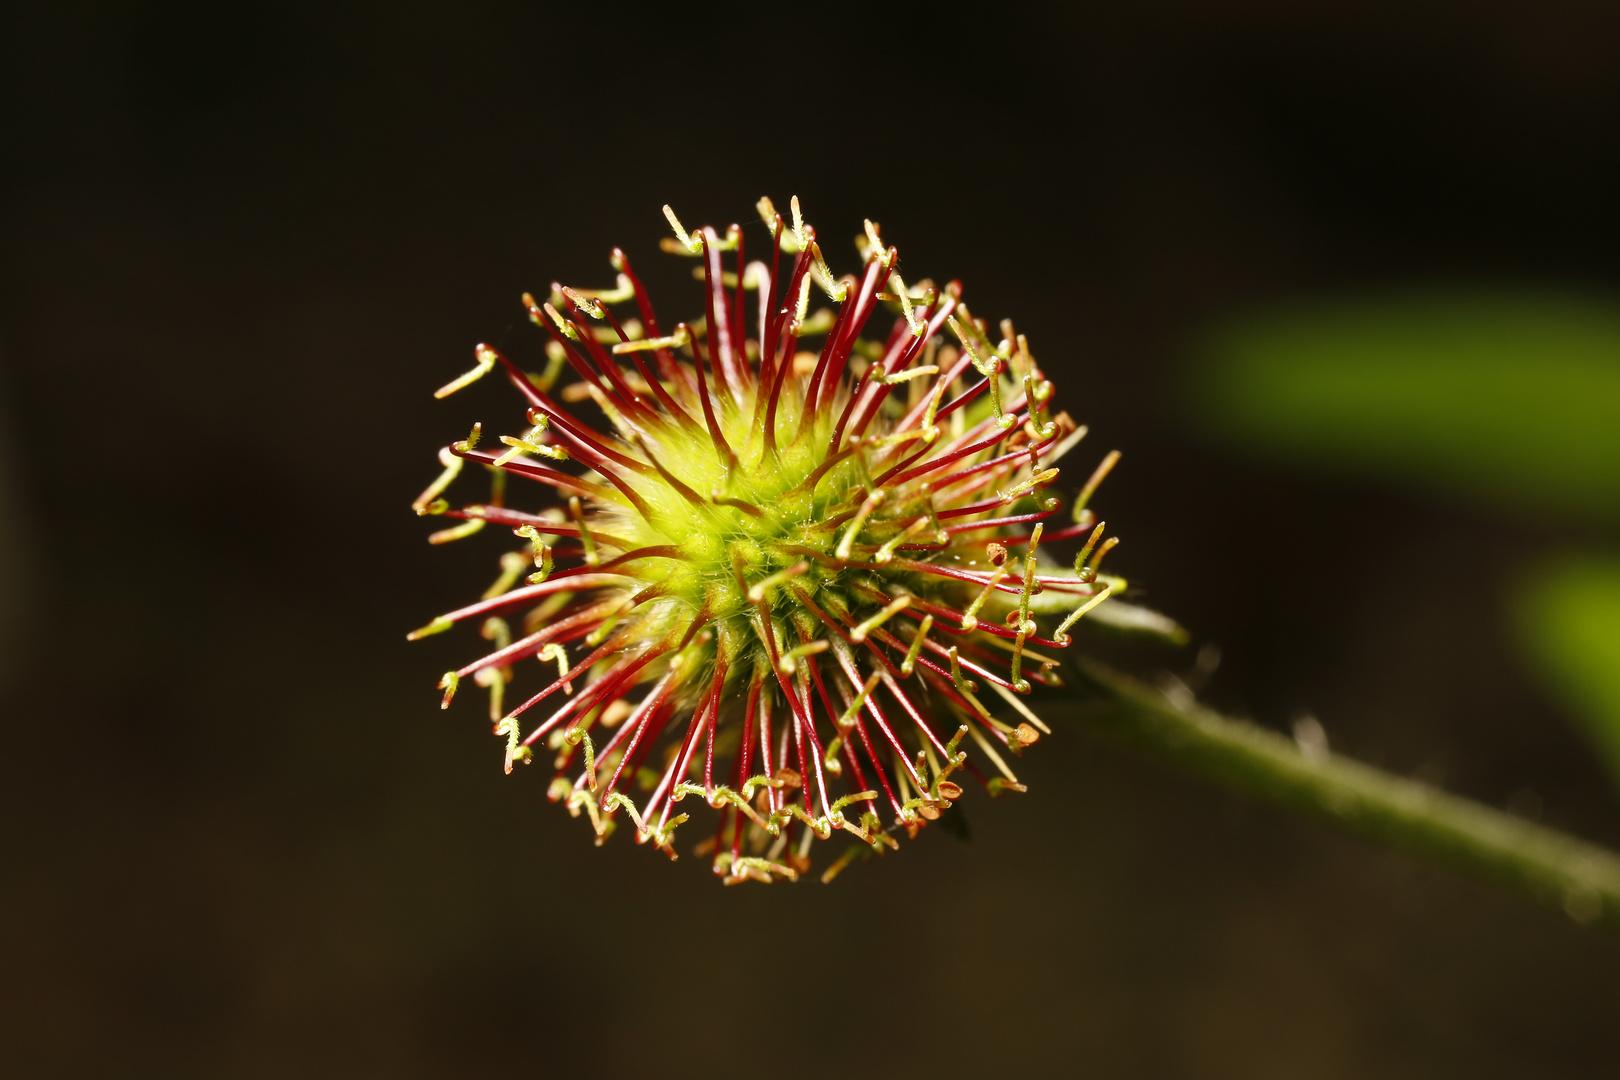 Verblühte Blüte - Nelkenwurz Samenstand